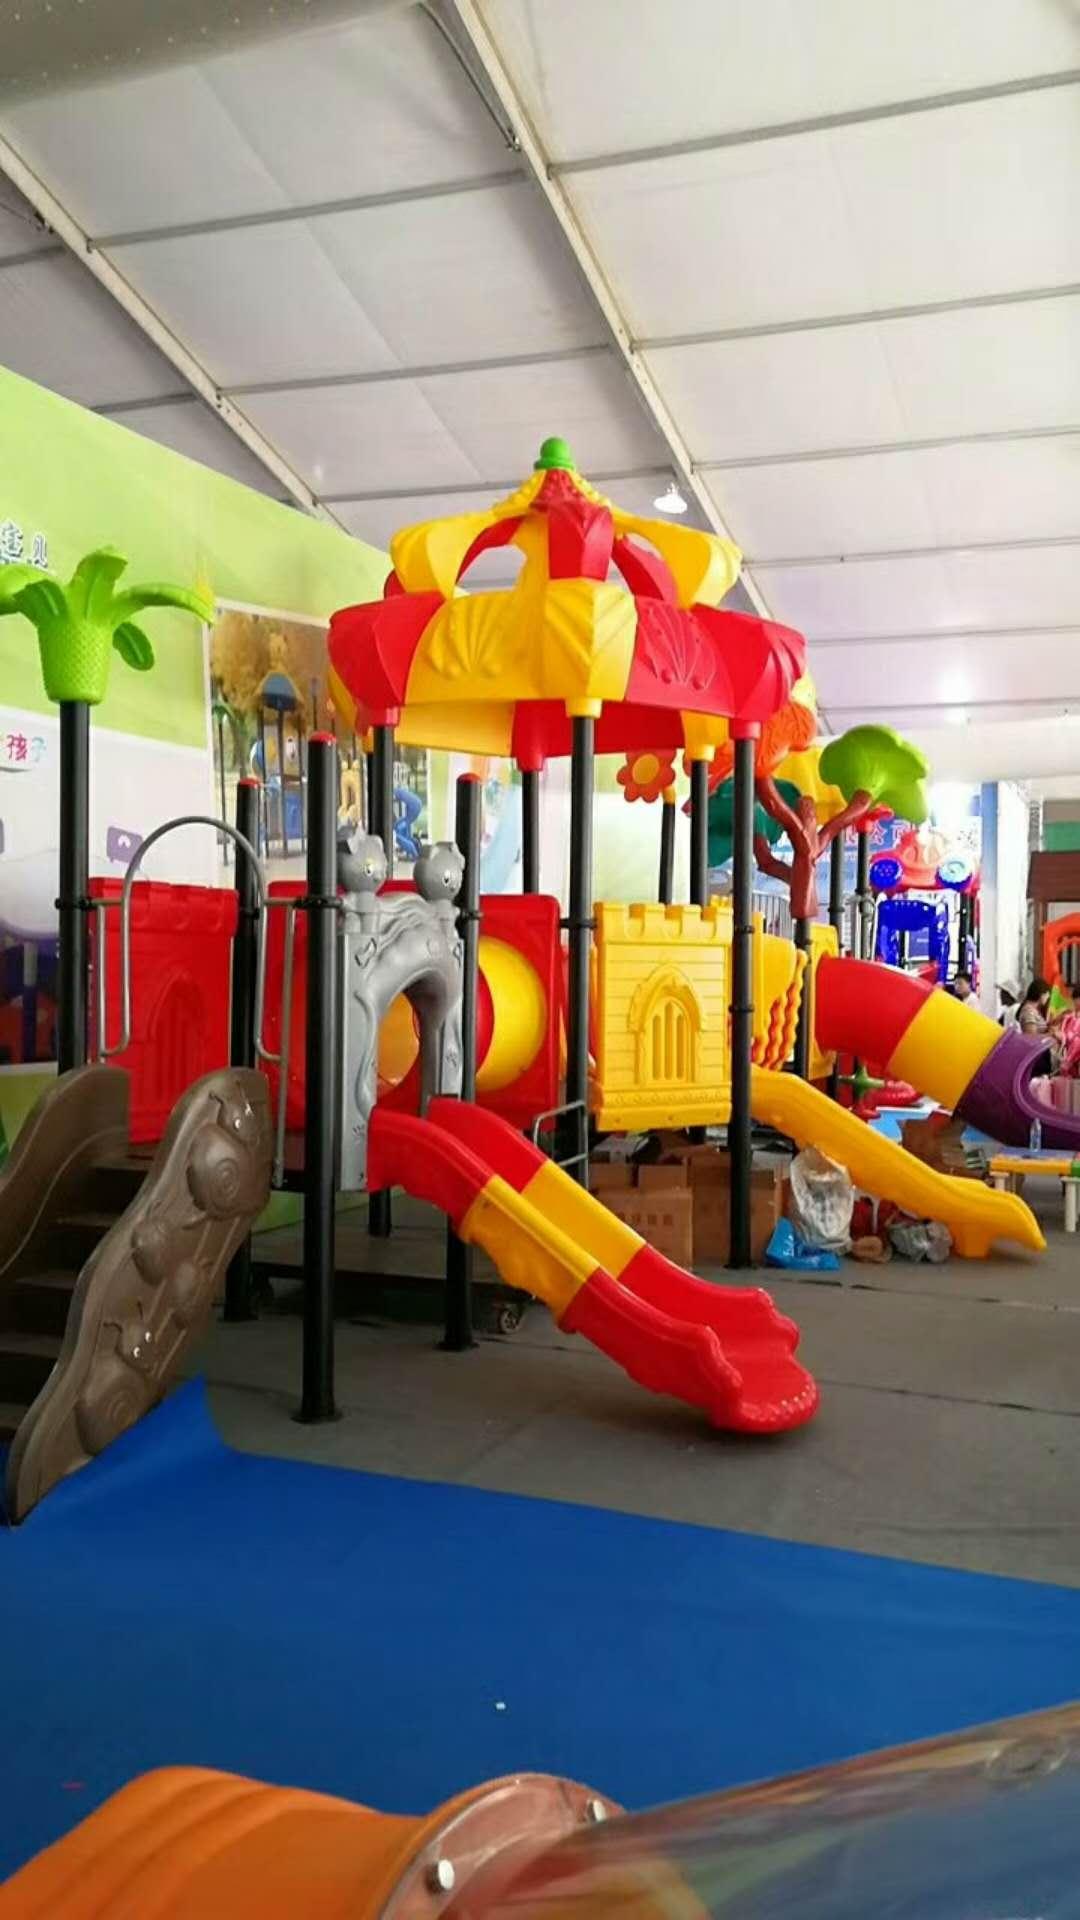 德国儿童室内游乐